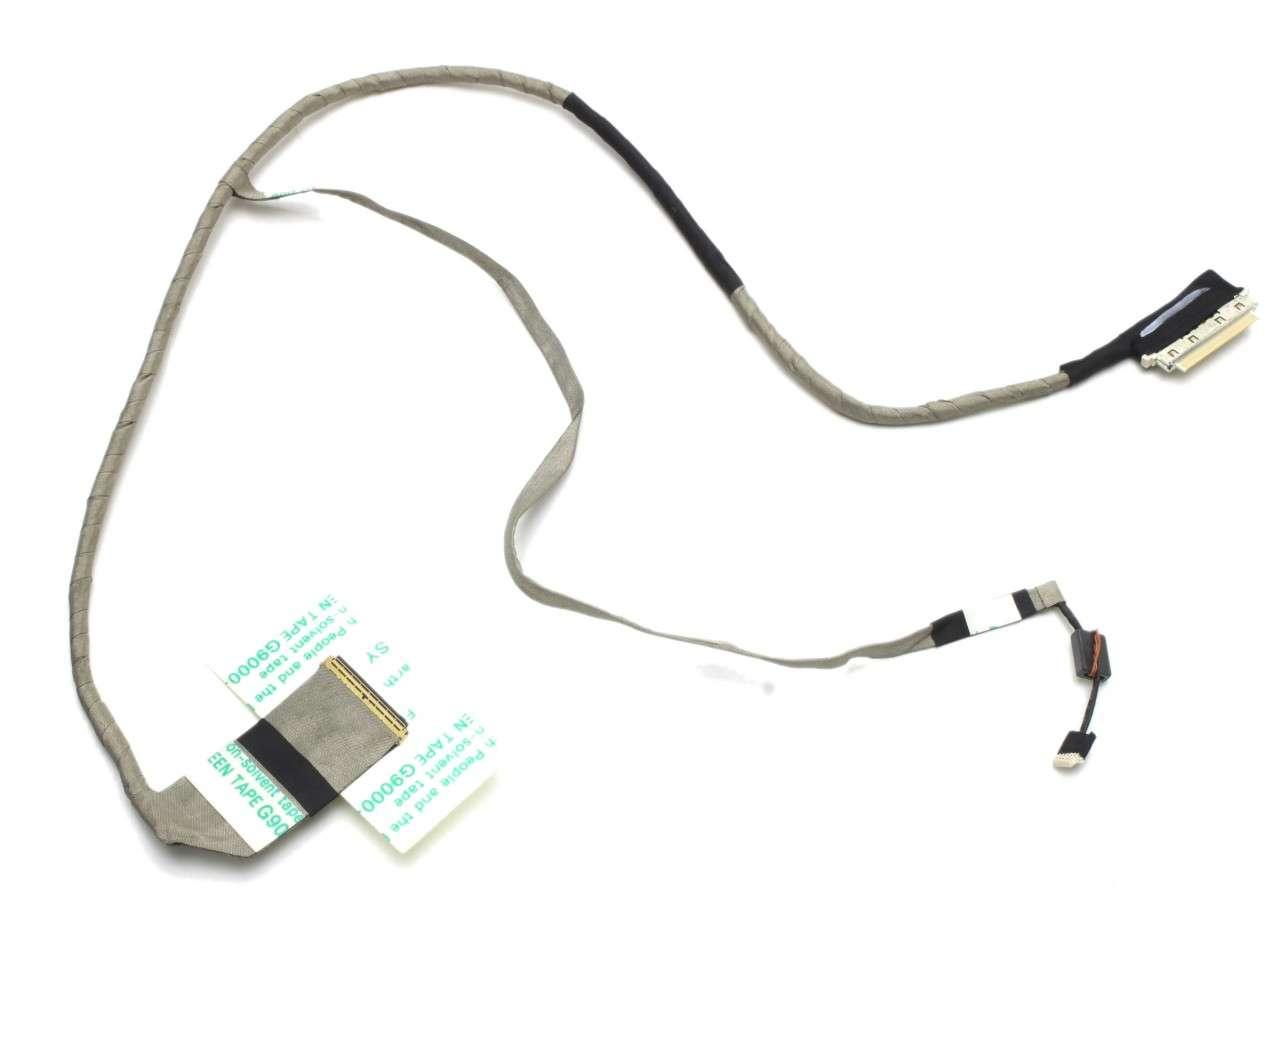 Cablu video LVDS Packard Bell EasyNote LS13SB imagine powerlaptop.ro 2021